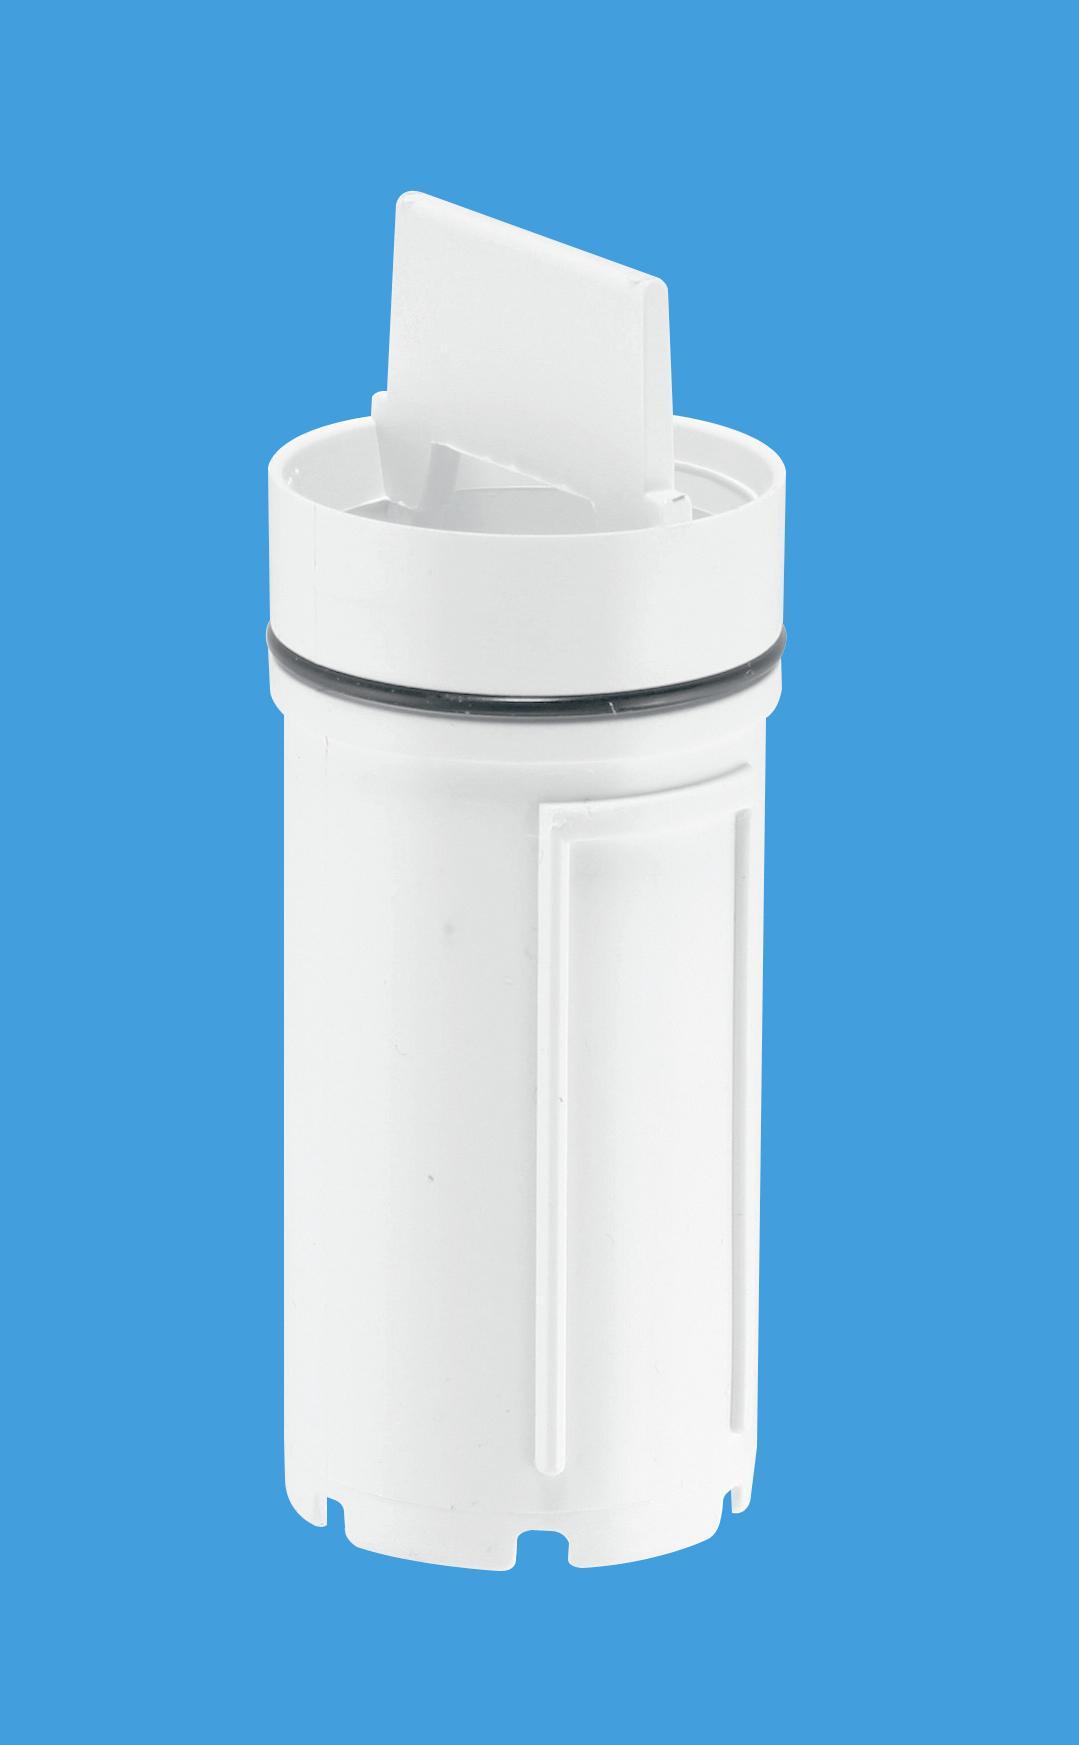 Dip Tube for Shower Traps